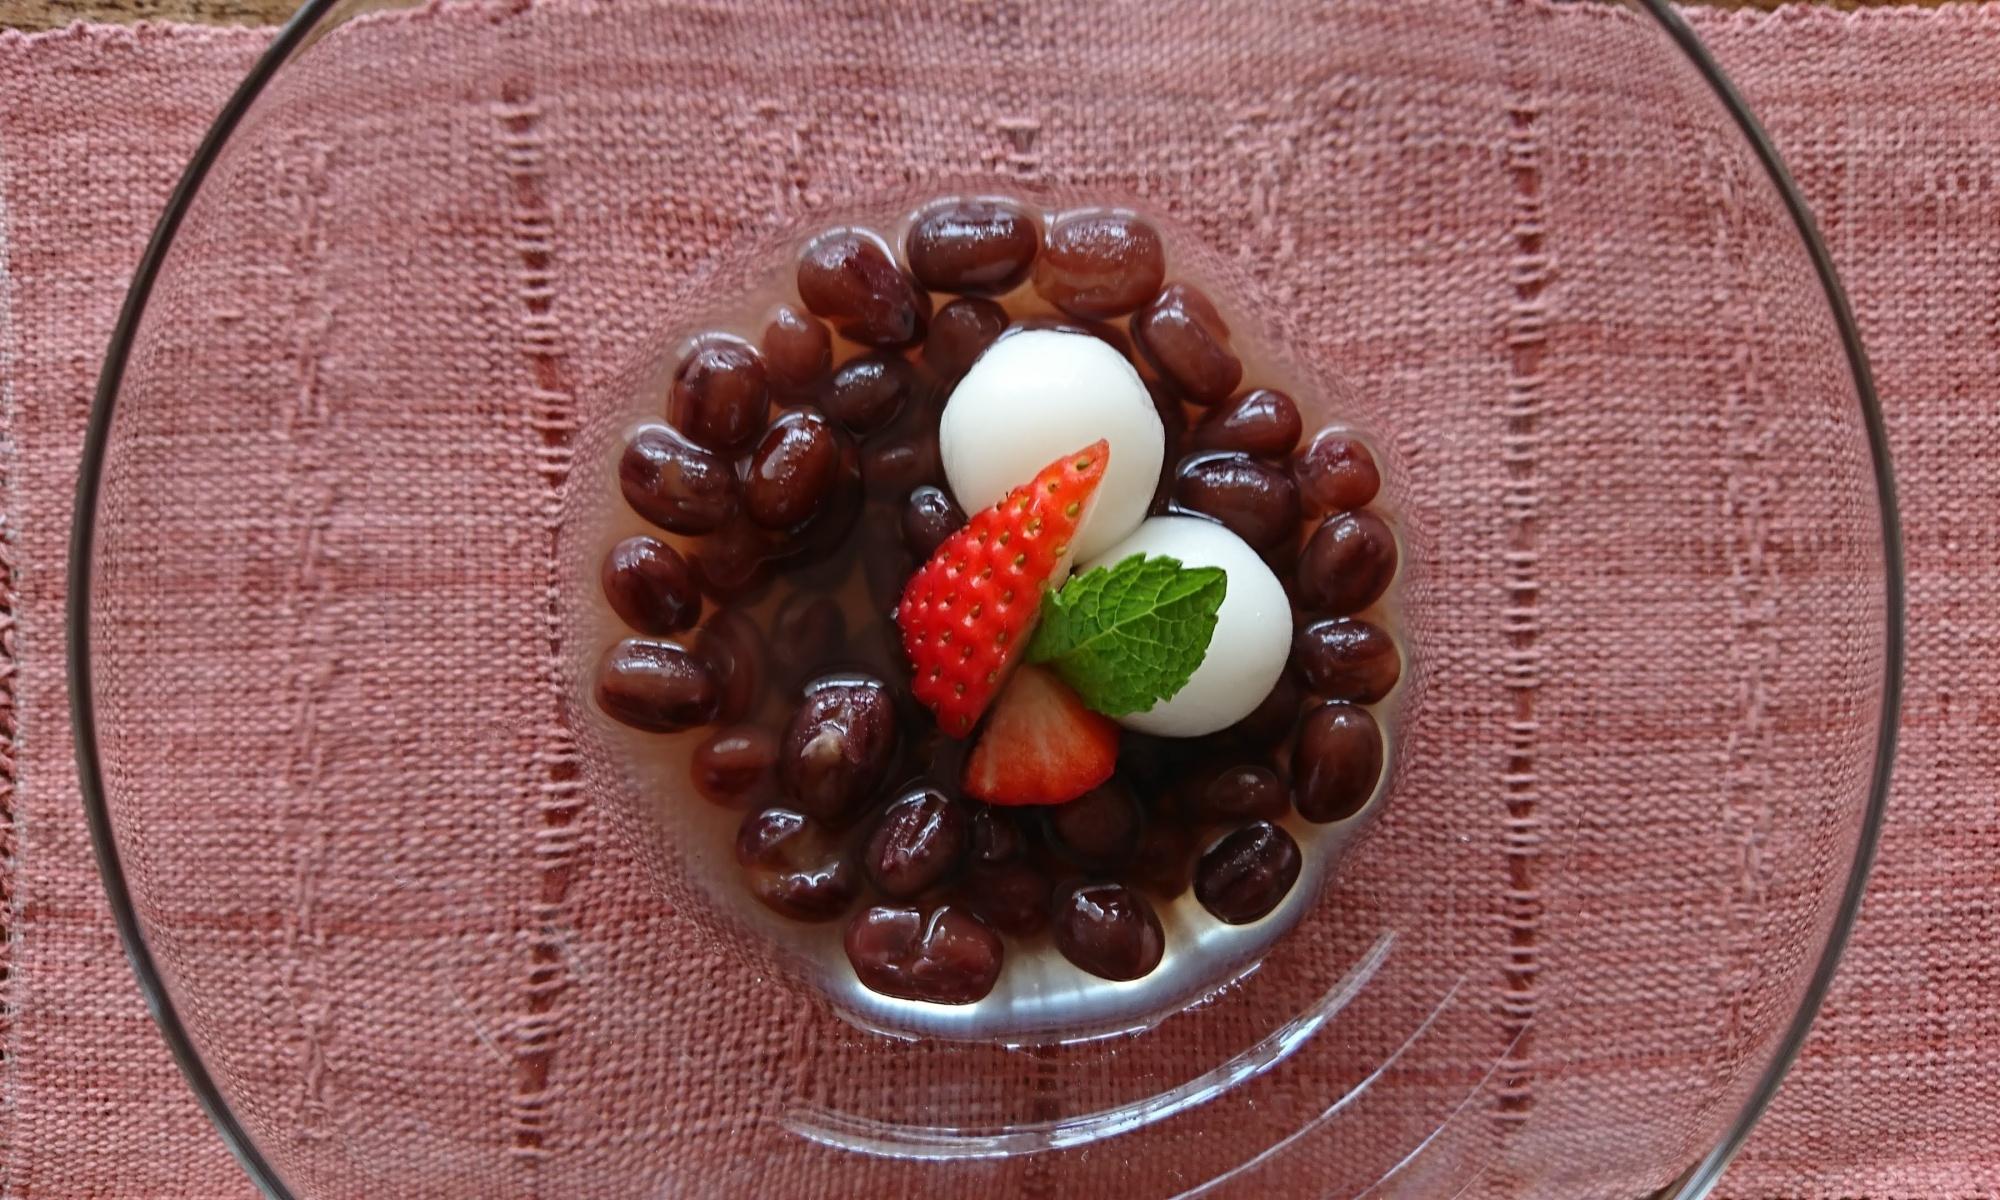 ガラスの器にぜんざいと丸い白玉団子、苺とミントが盛り付けられています